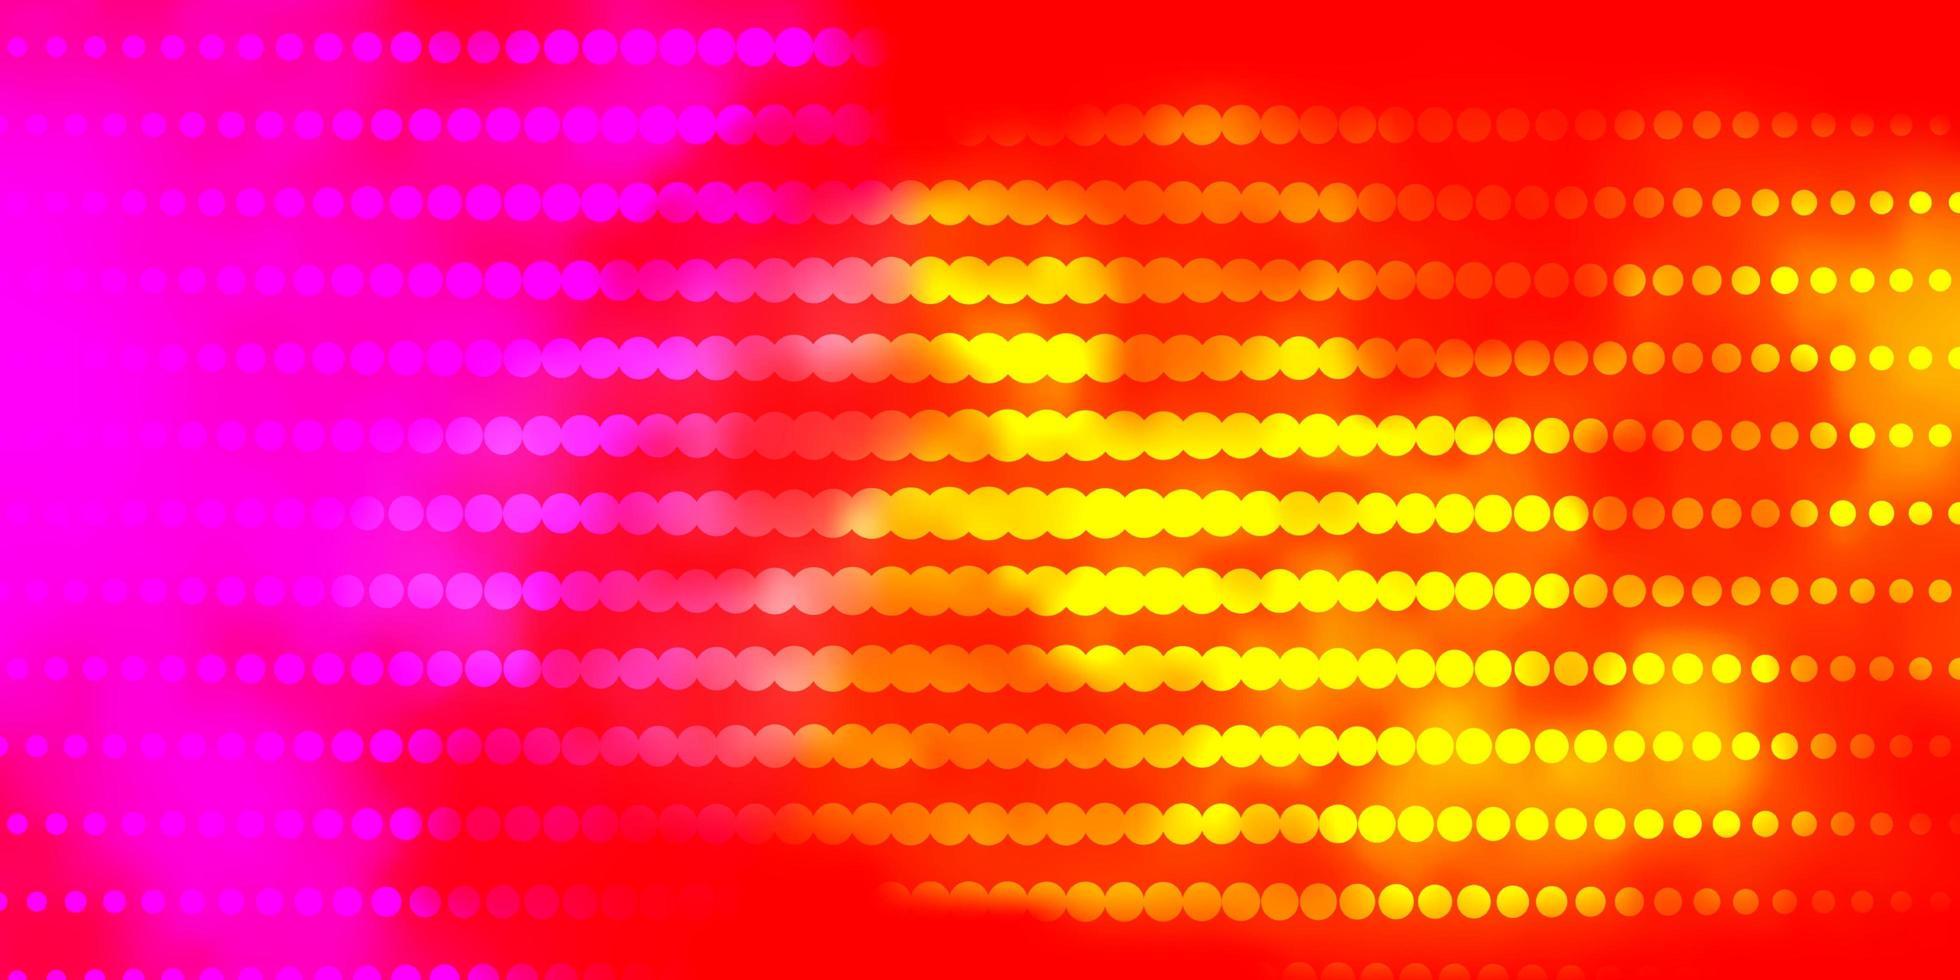 diseño de vector de color rosa claro, amarillo con círculos.